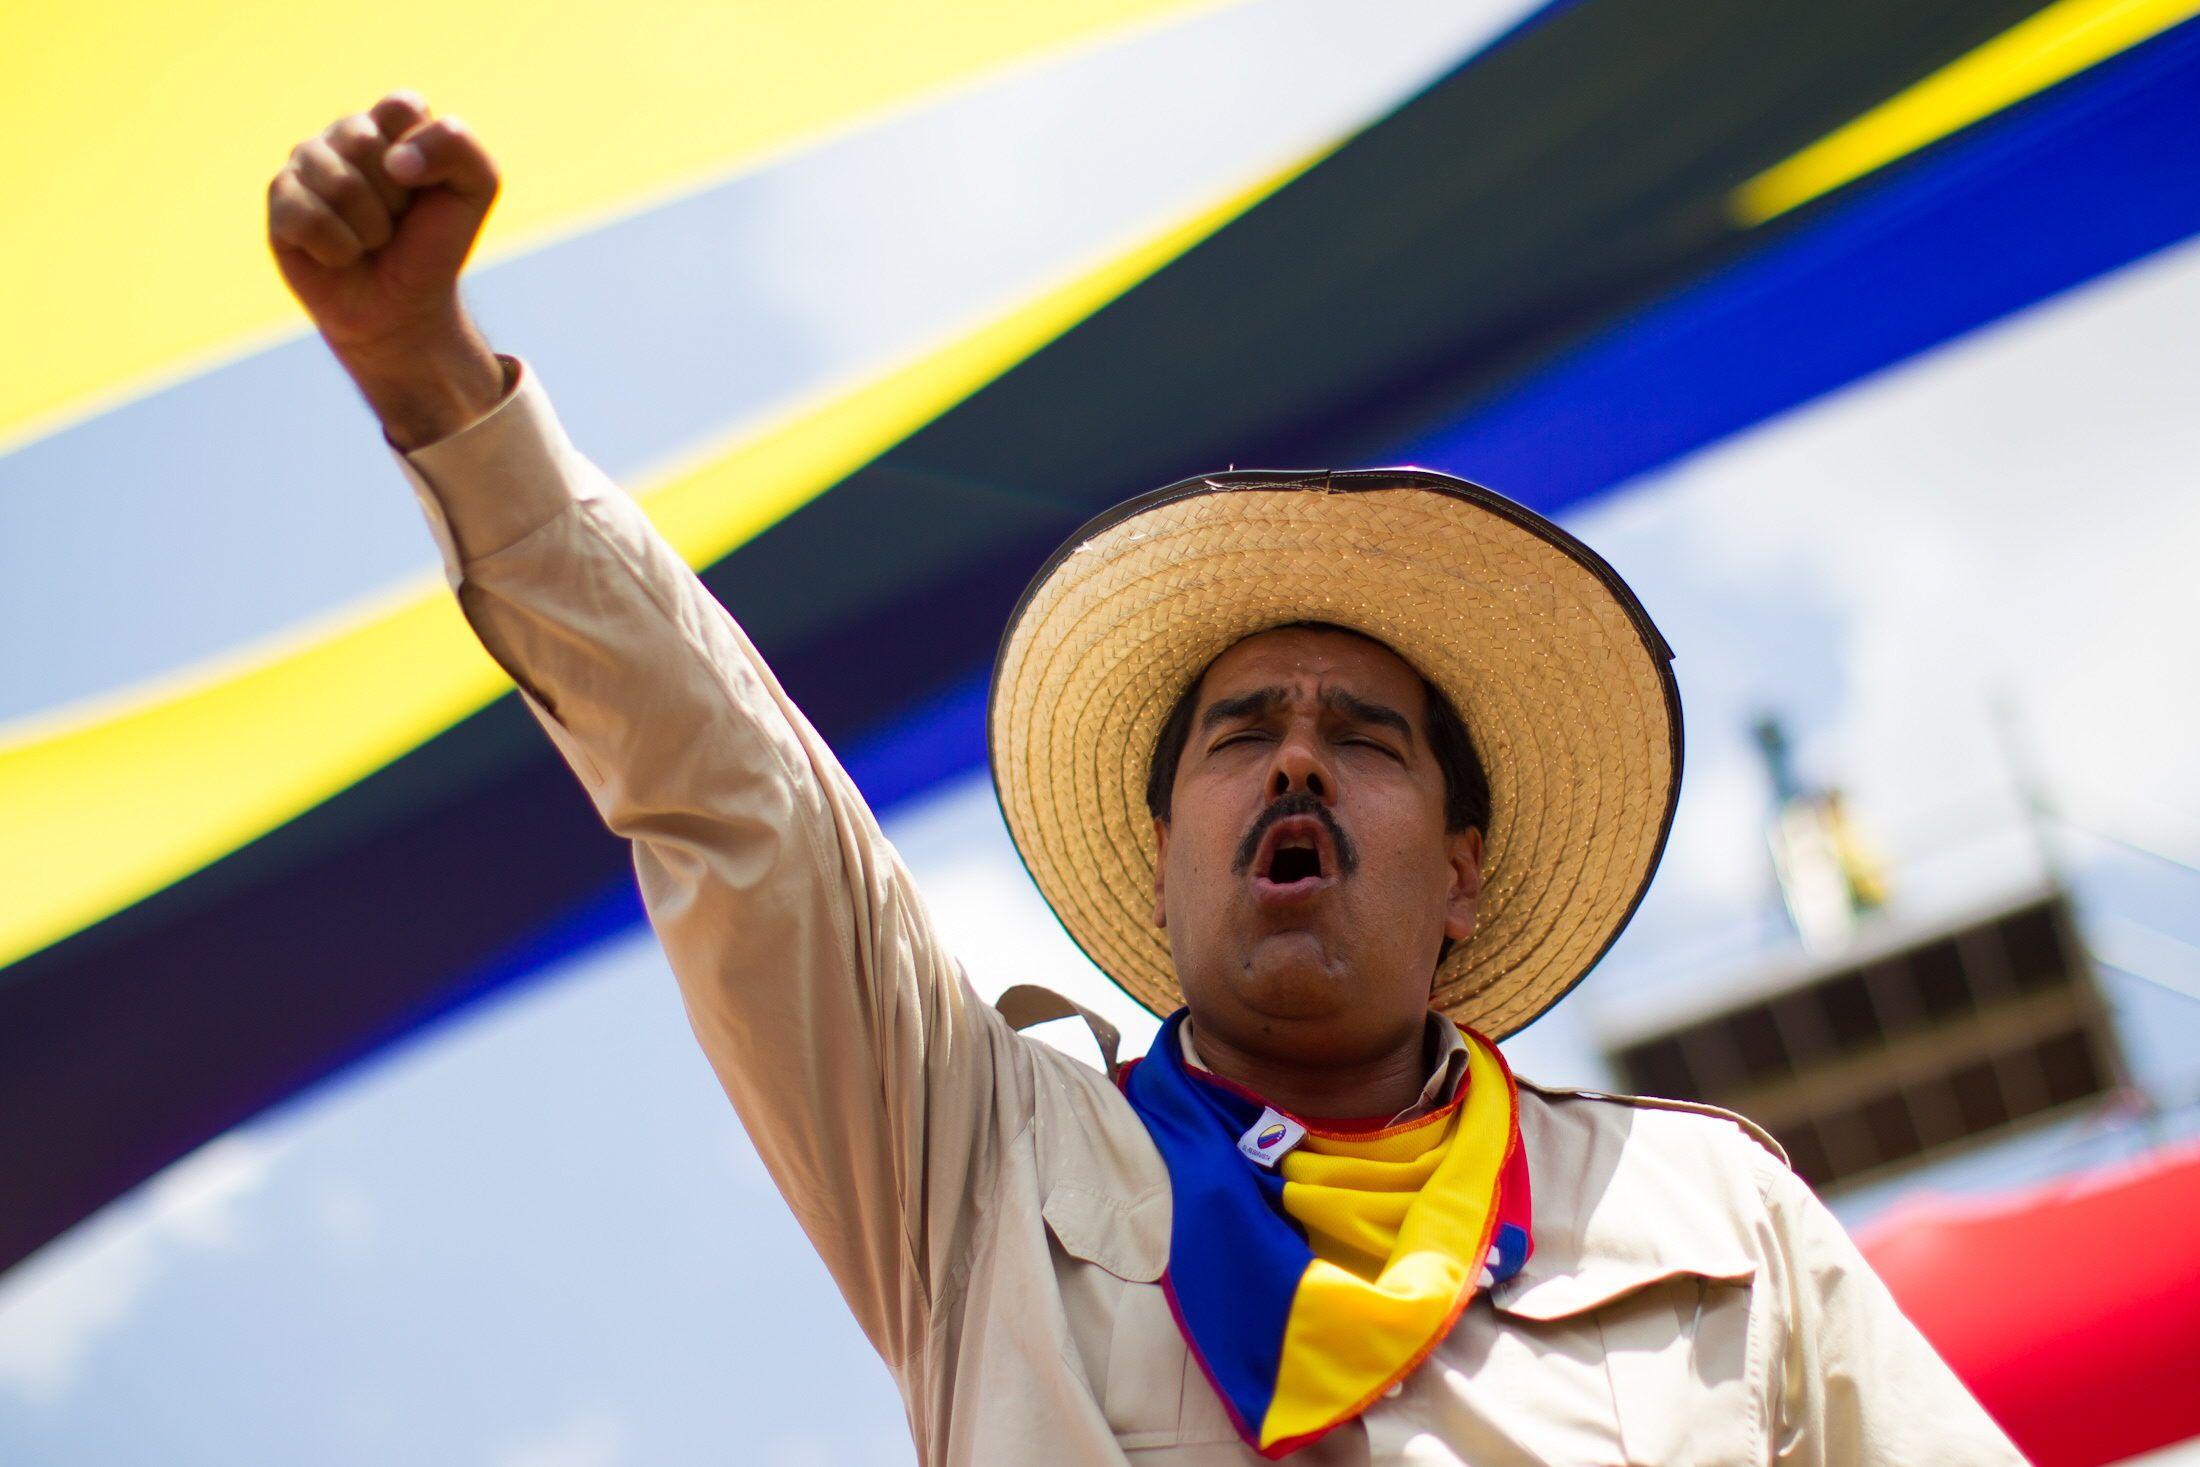 """Desde el 2008 fue creada la Productora y Distribuidora Venezolana de Alimentos, mejor conocida por sus siglas como Pdval. La misma se inauguró con el propósito de acabar con el """"acaparamiento"""". Sin embargo, el tema de la comida en Venezuela cada día se complica. Resulta que aquí la gente tiene que hacer colas kilométricas para …"""